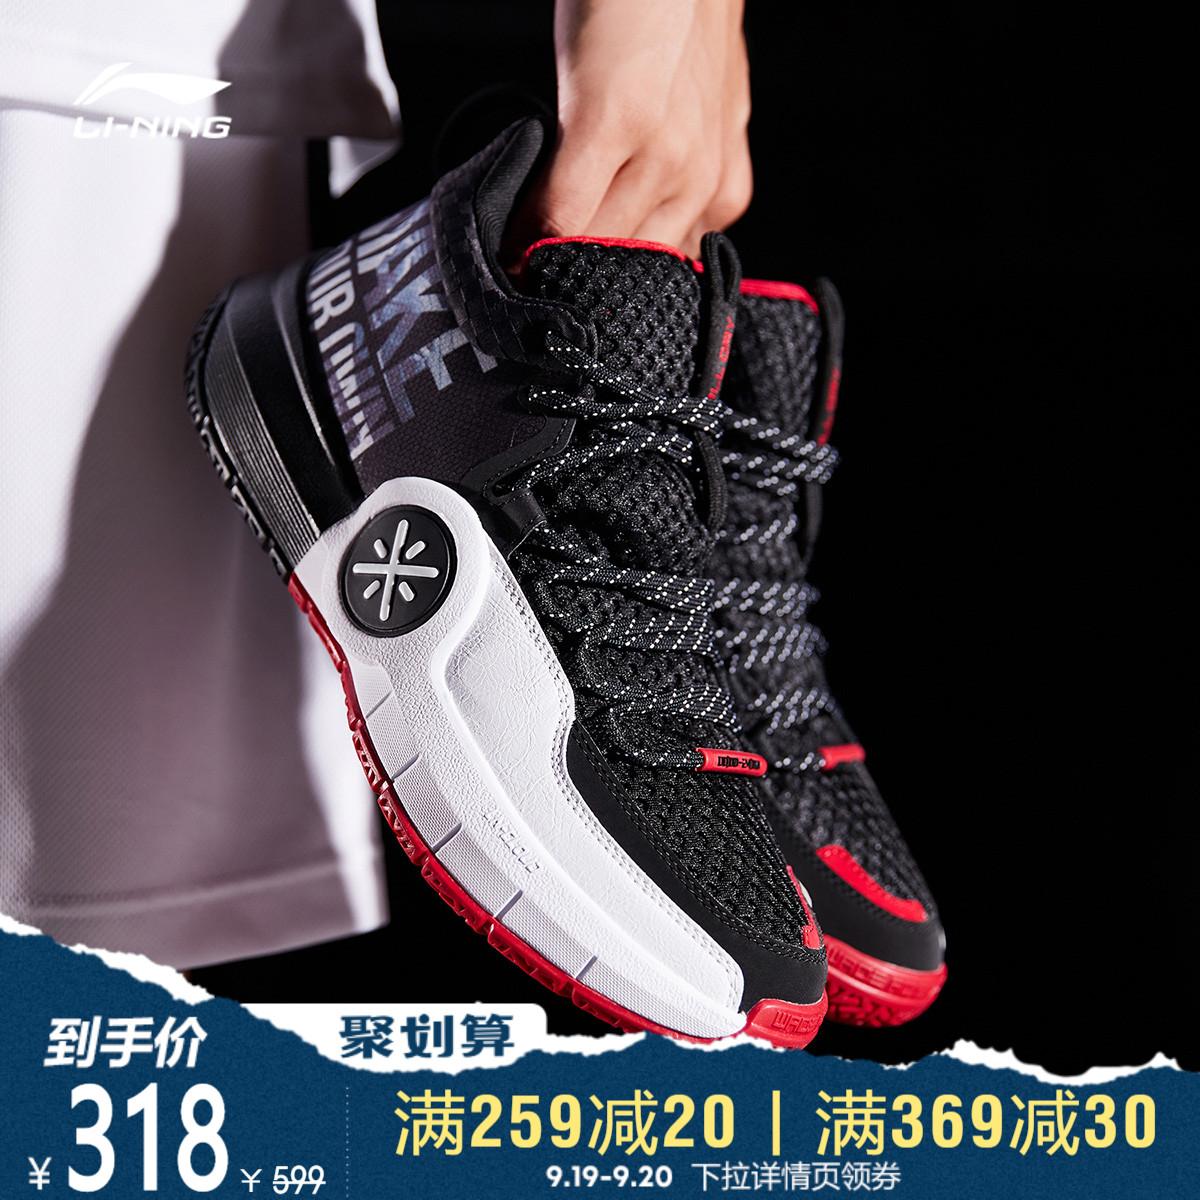 李宁篮球鞋男鞋韦德全天4减震实战球鞋夏季透气中帮篮球运动鞋男